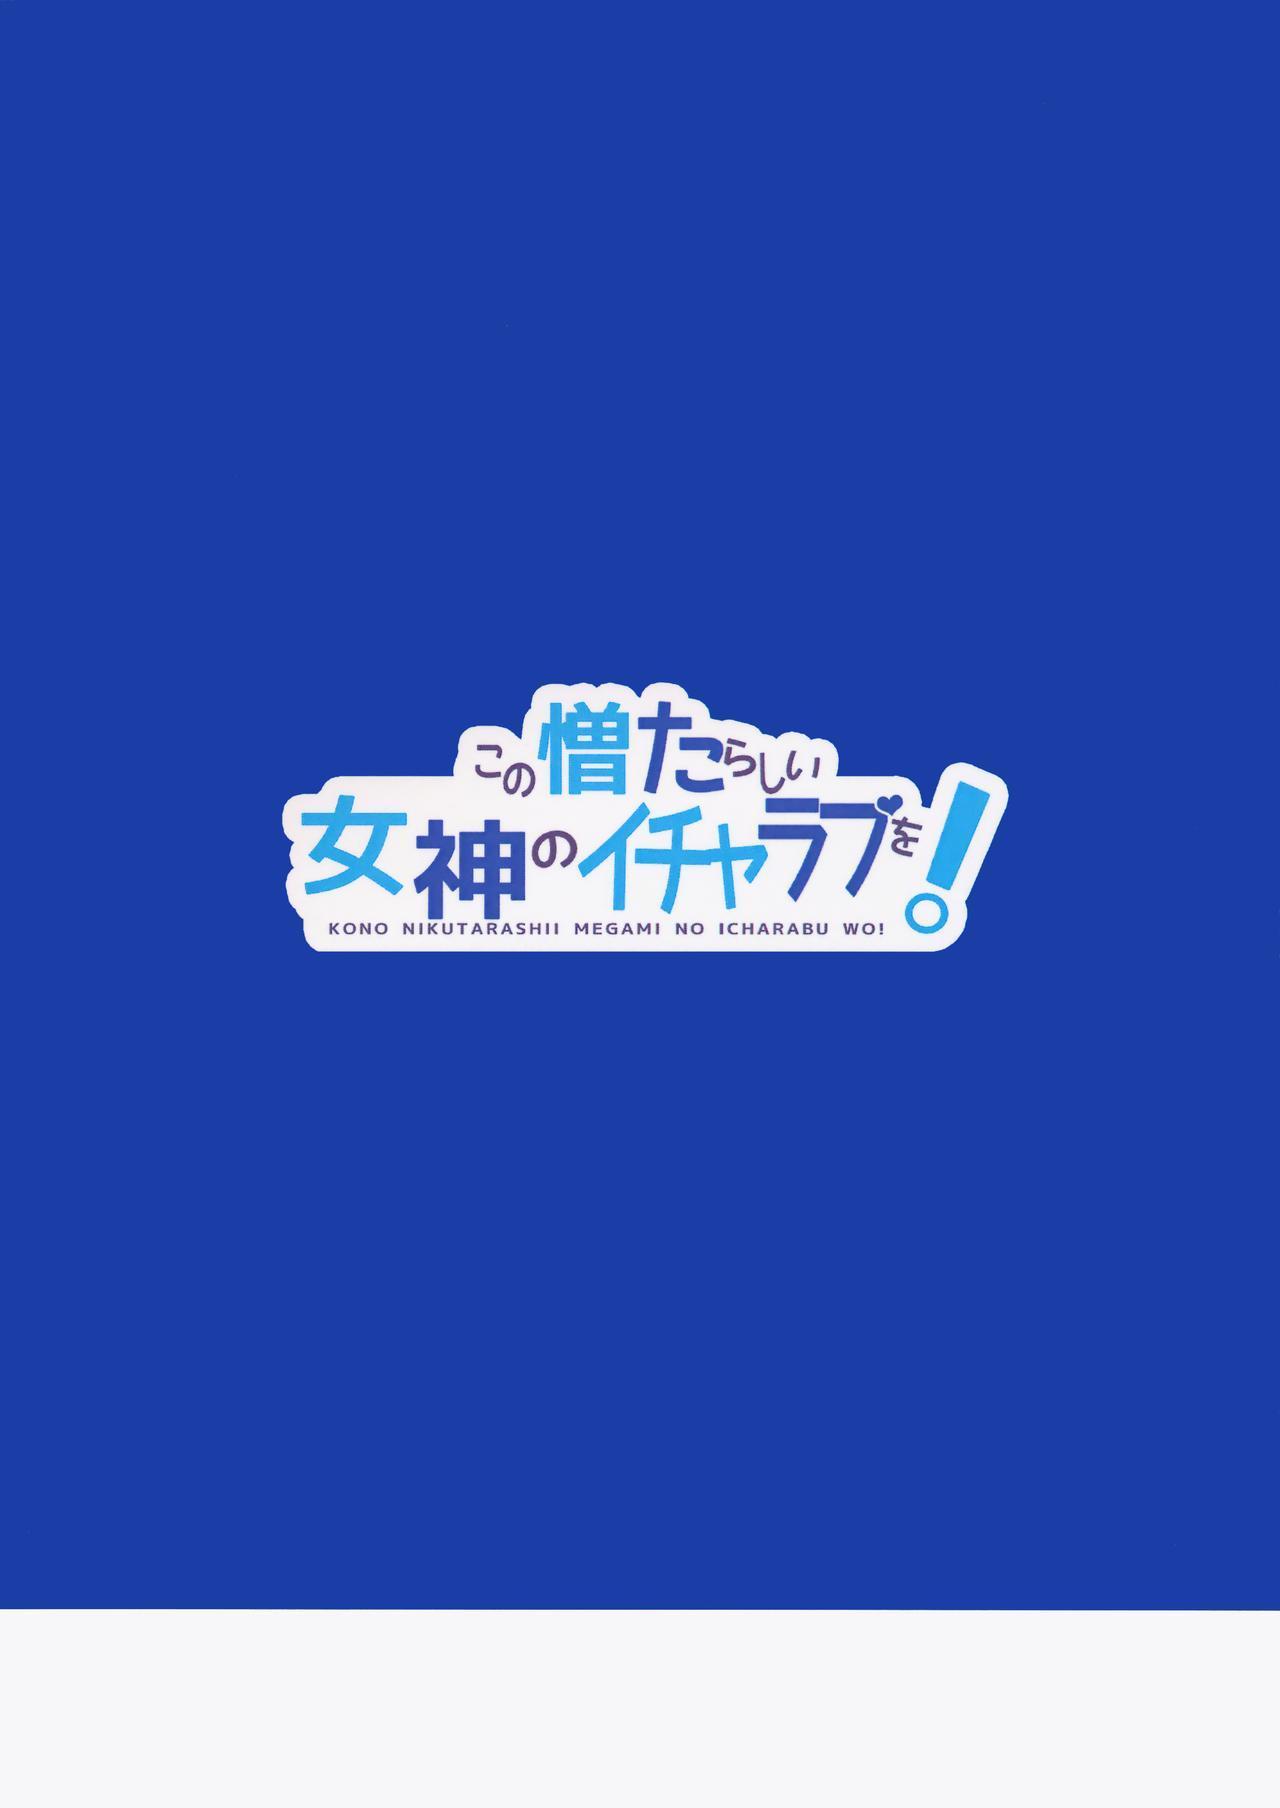 Kono Nikutarashii Megami no Icha Love o! | Making Love With This Hateful Goddess! 25